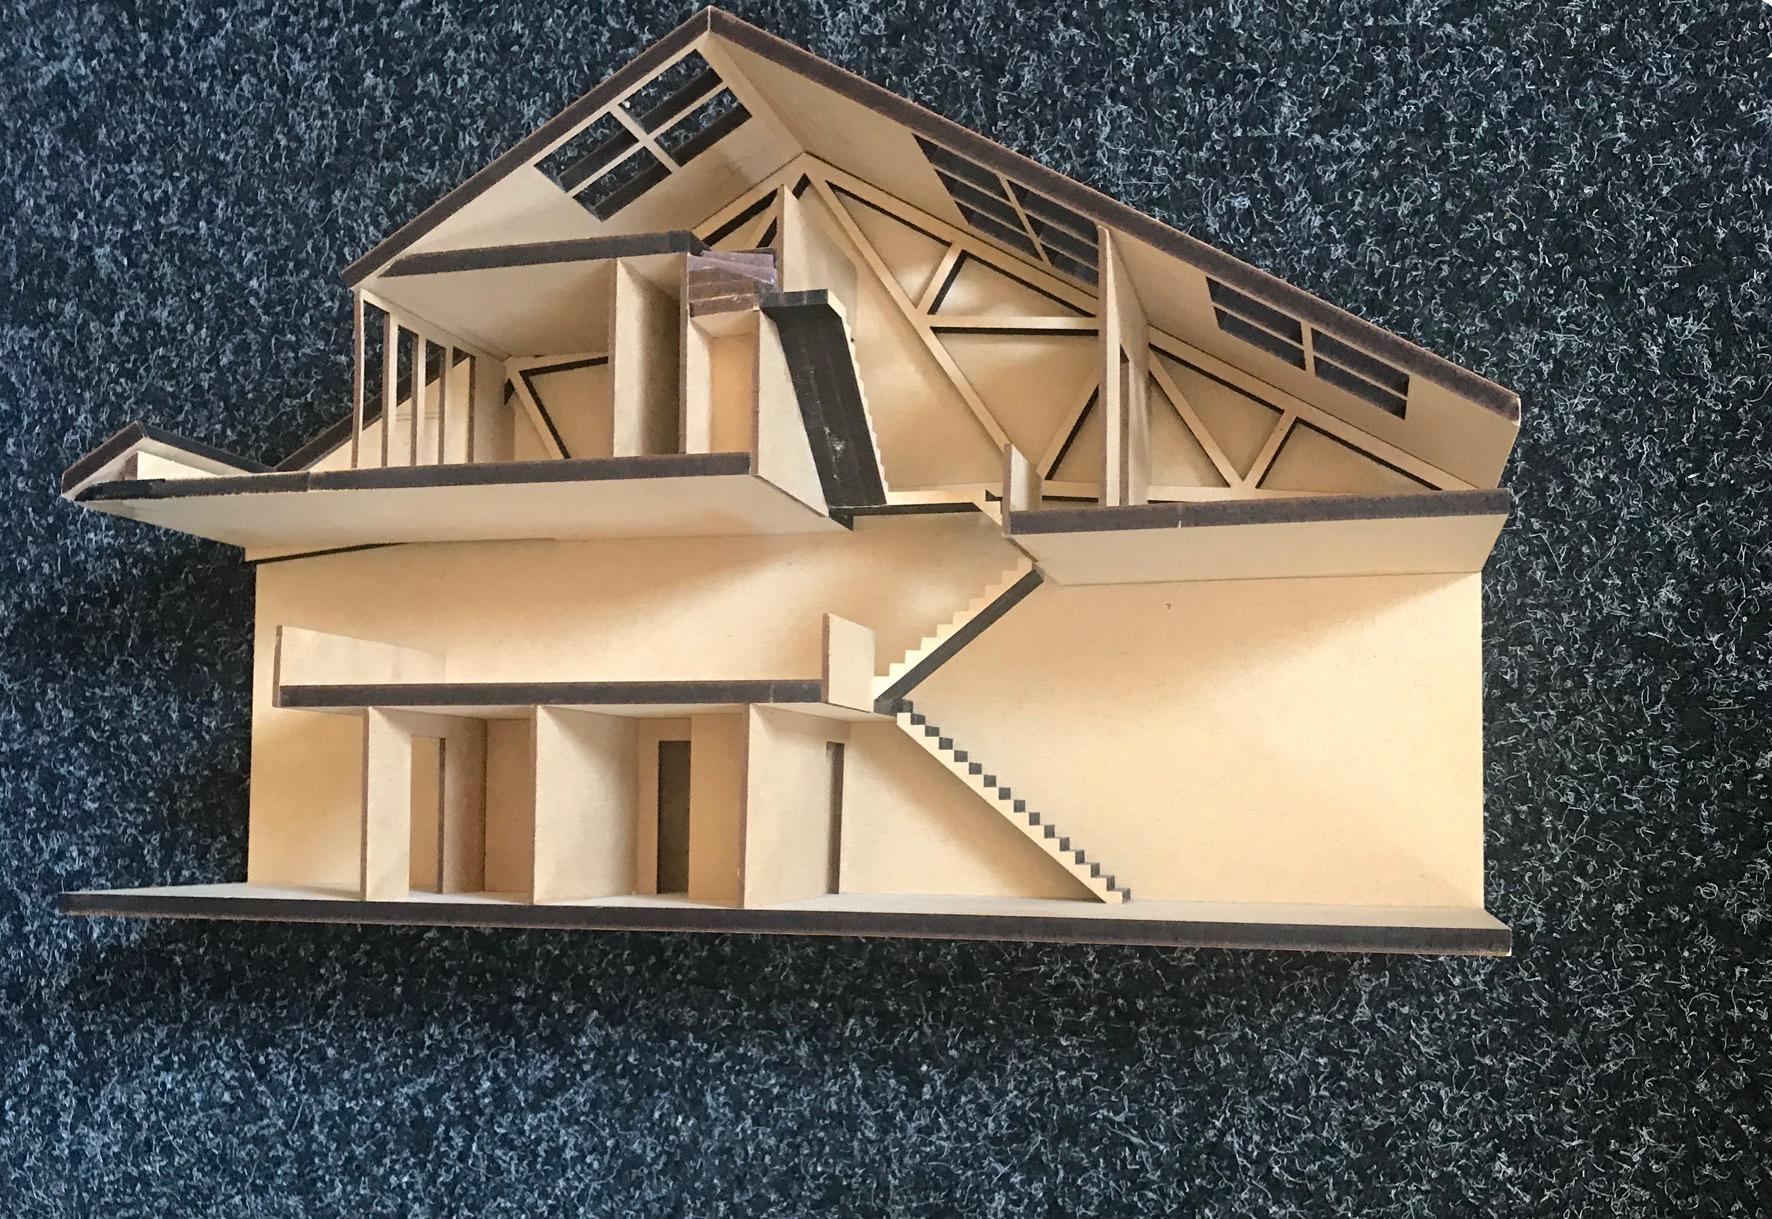 Maquette van loft door Arnhemse architect